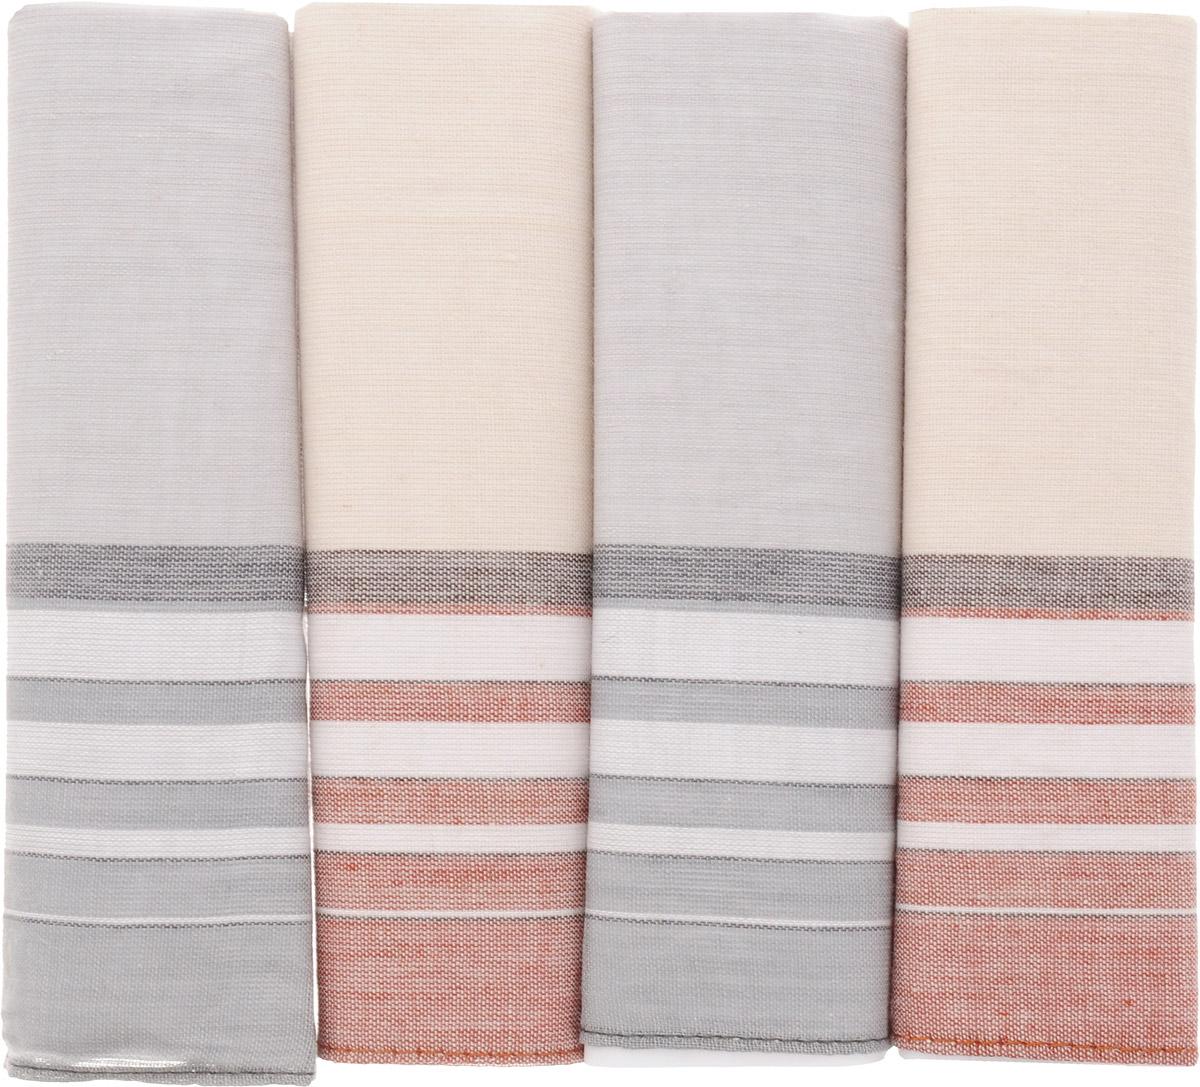 71419-17 Zlata Korunka Носовой платок мужской, цвет: мультиколор, 34х34 см, 4 шт71419-17Платки носовые мужские в упаковке по 4 шт. Носовые платки изготовлены из 100% хлопка, так как этот материал приятен в использовании, хорошо стирается, не садится, отлично впитывает влагу.